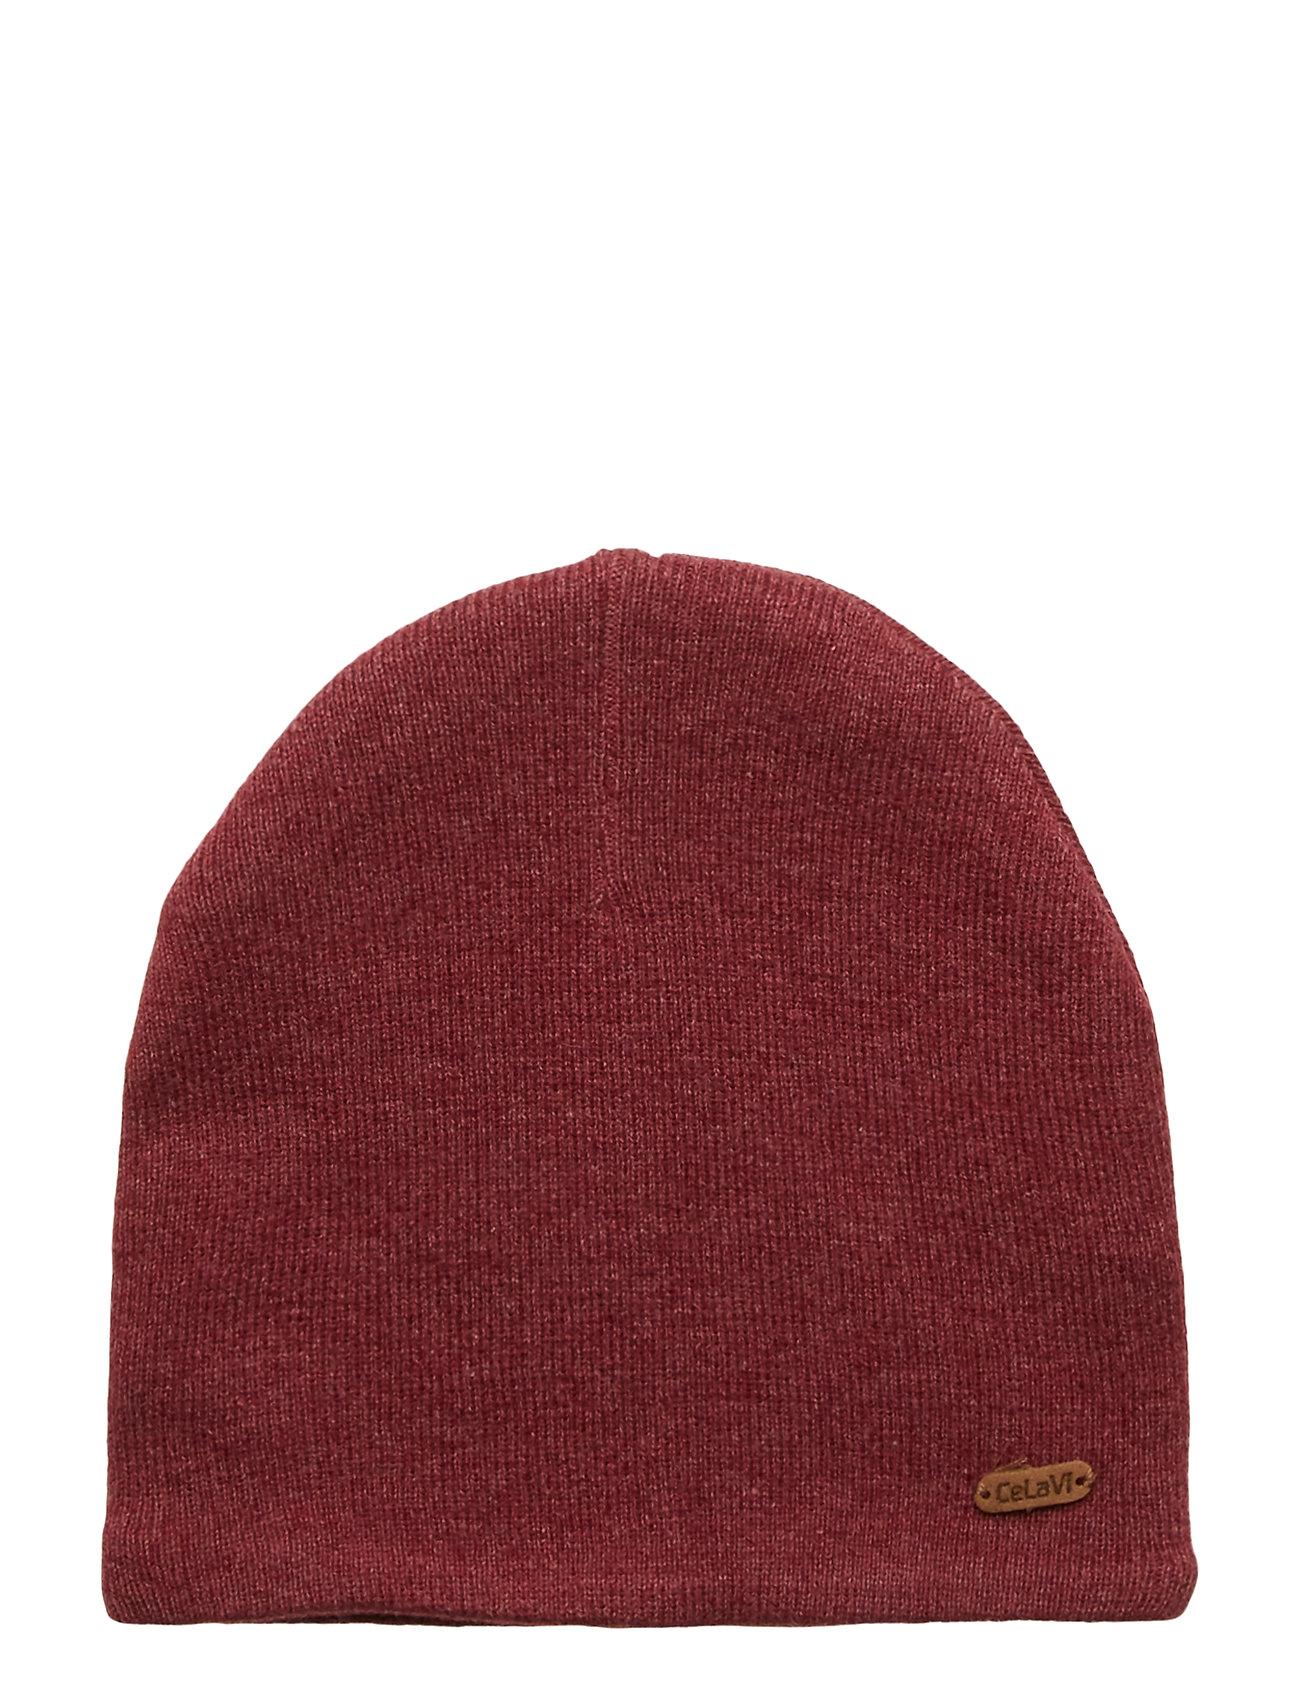 CeLaVi Hat - Knit - MAROON